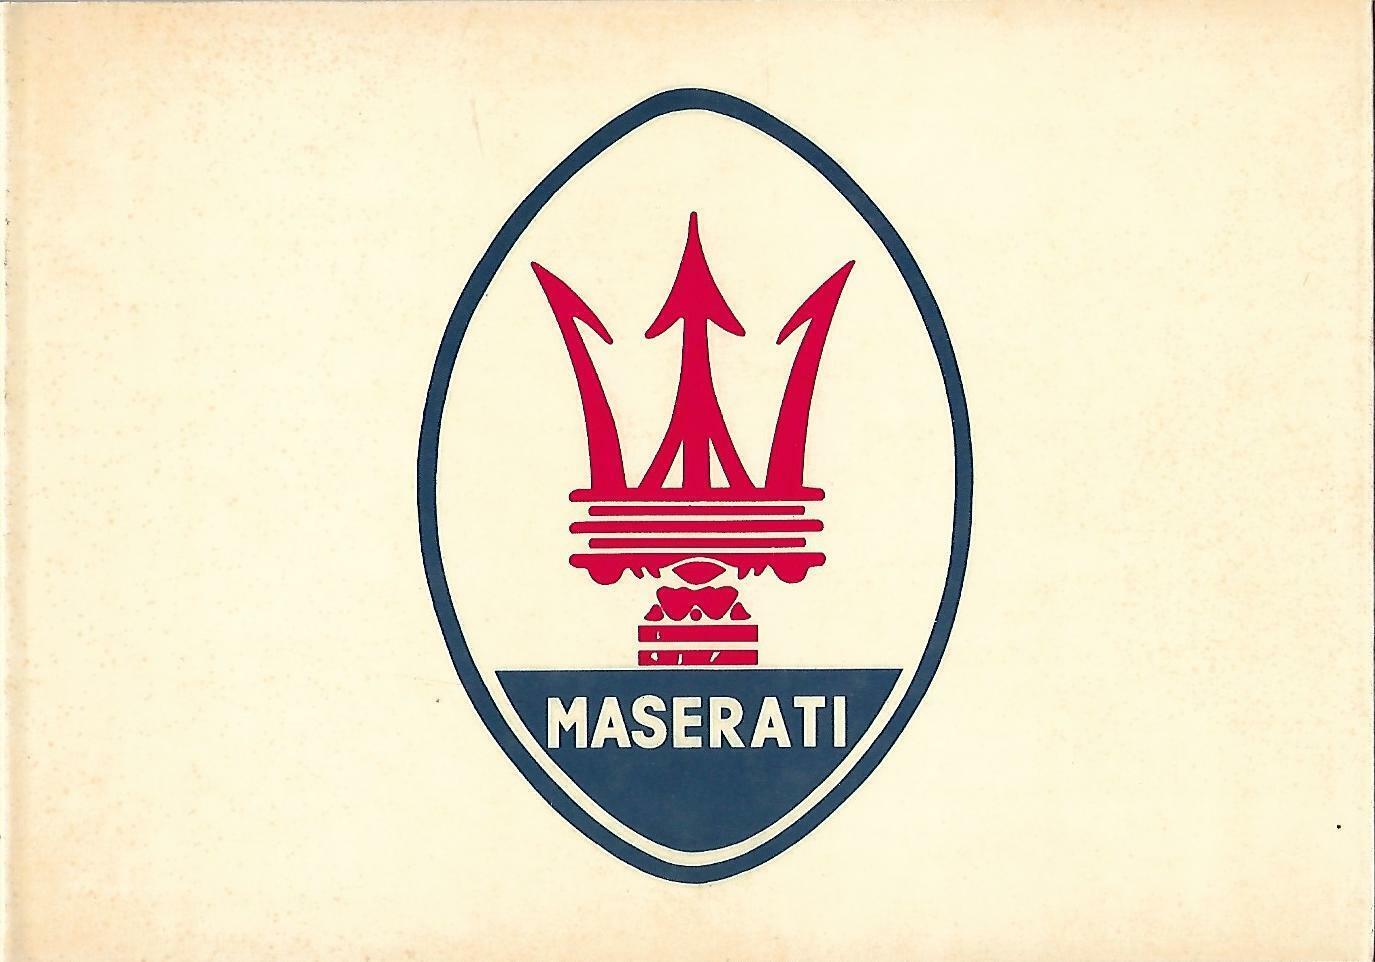 Libro - Tutta la storia della Maserati - vecchia collana AUTOMOBILIA n. 10 S-l1600